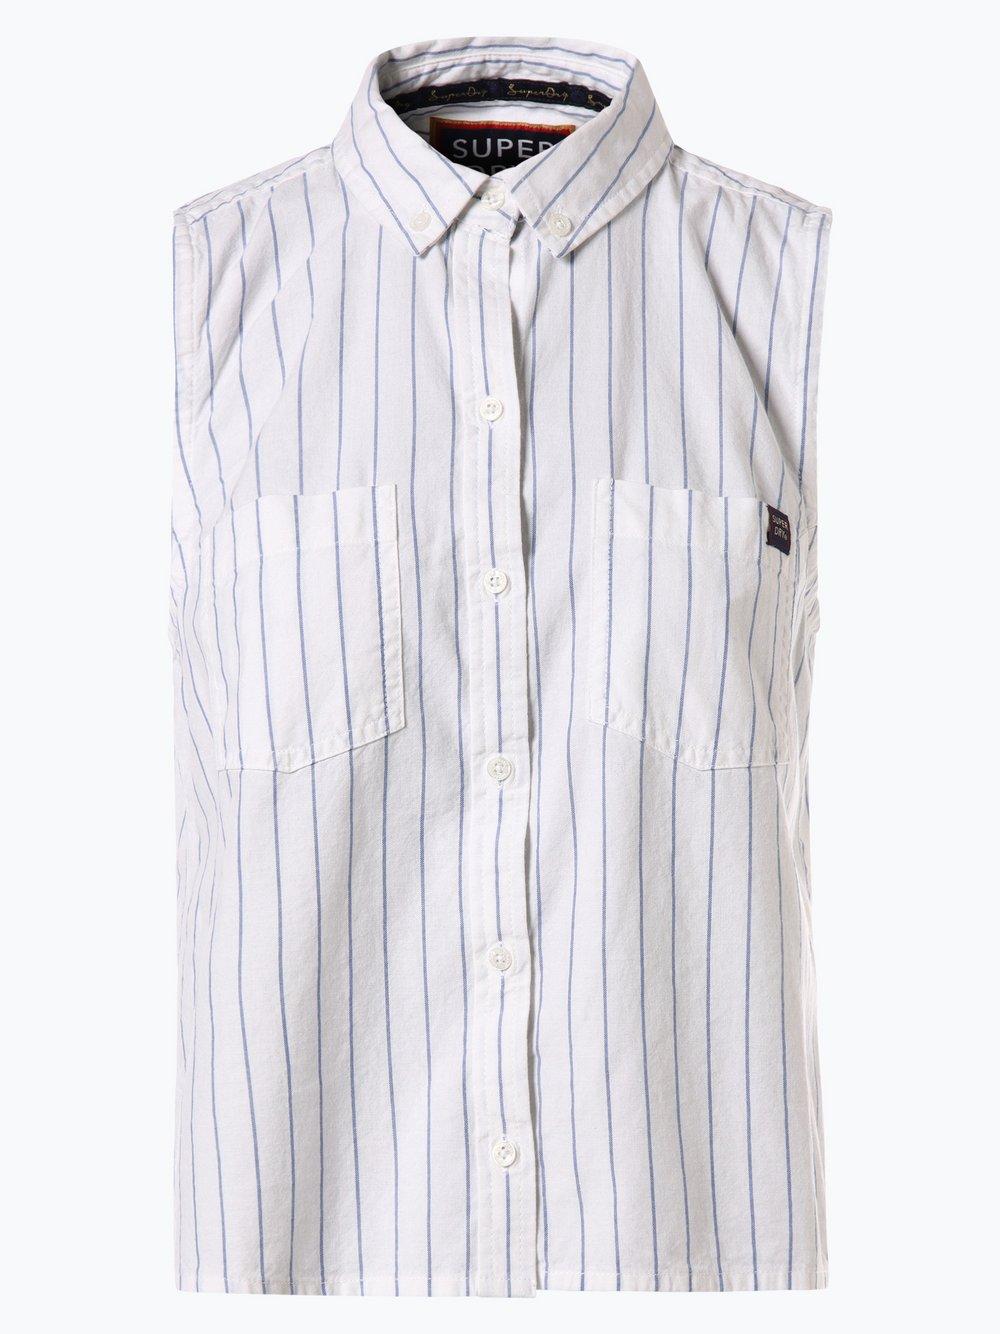 Superdry - Damska bluzka bez rękawów, biały